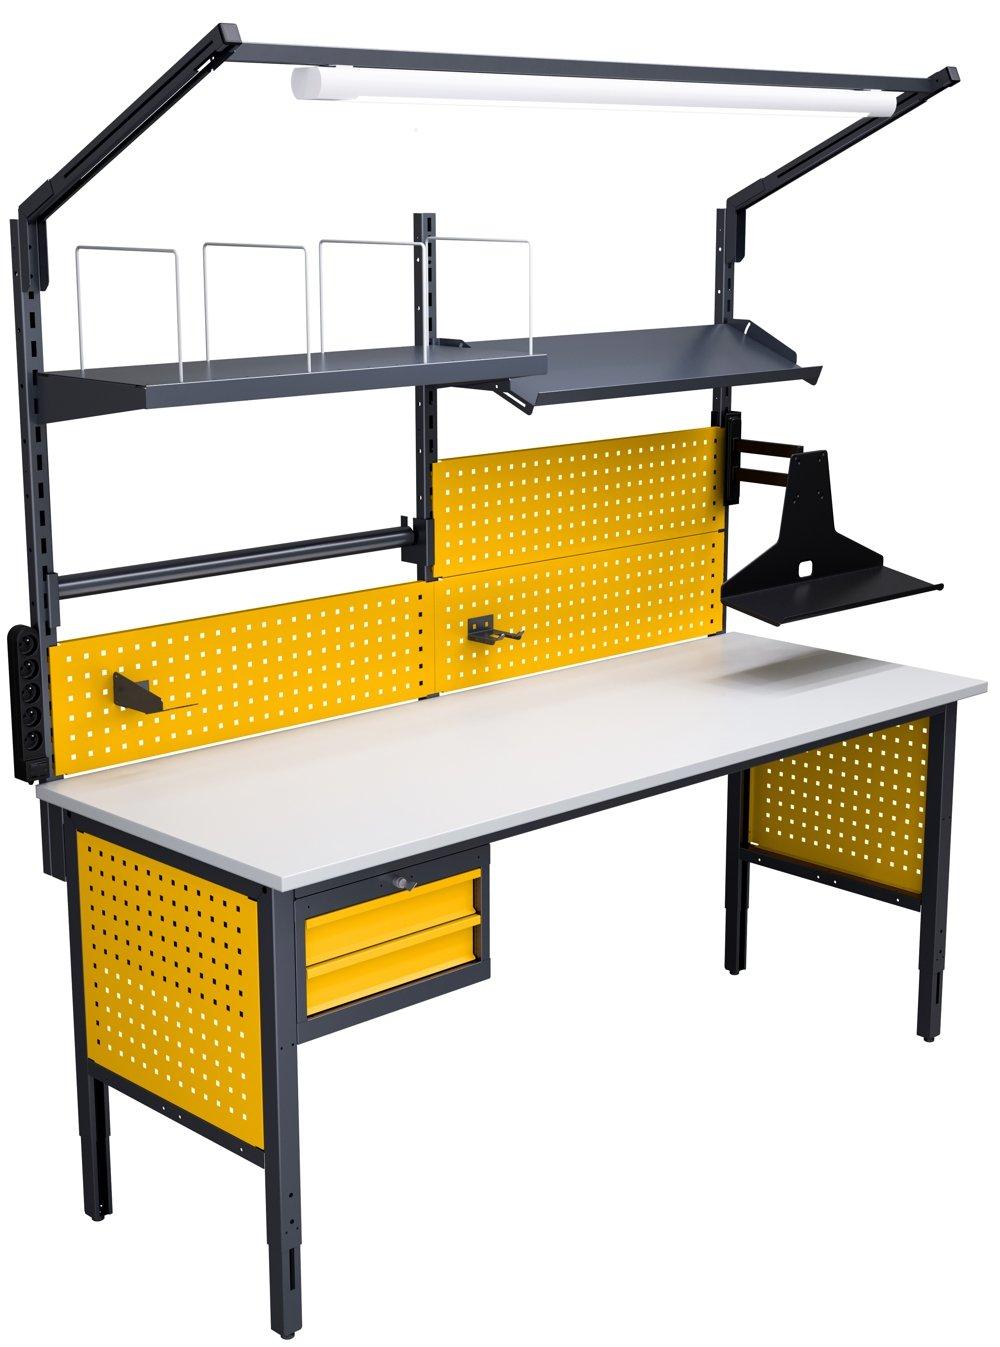 Stół kompletacyjny o szerokości 2000 mm wersja wyposażenia 04b